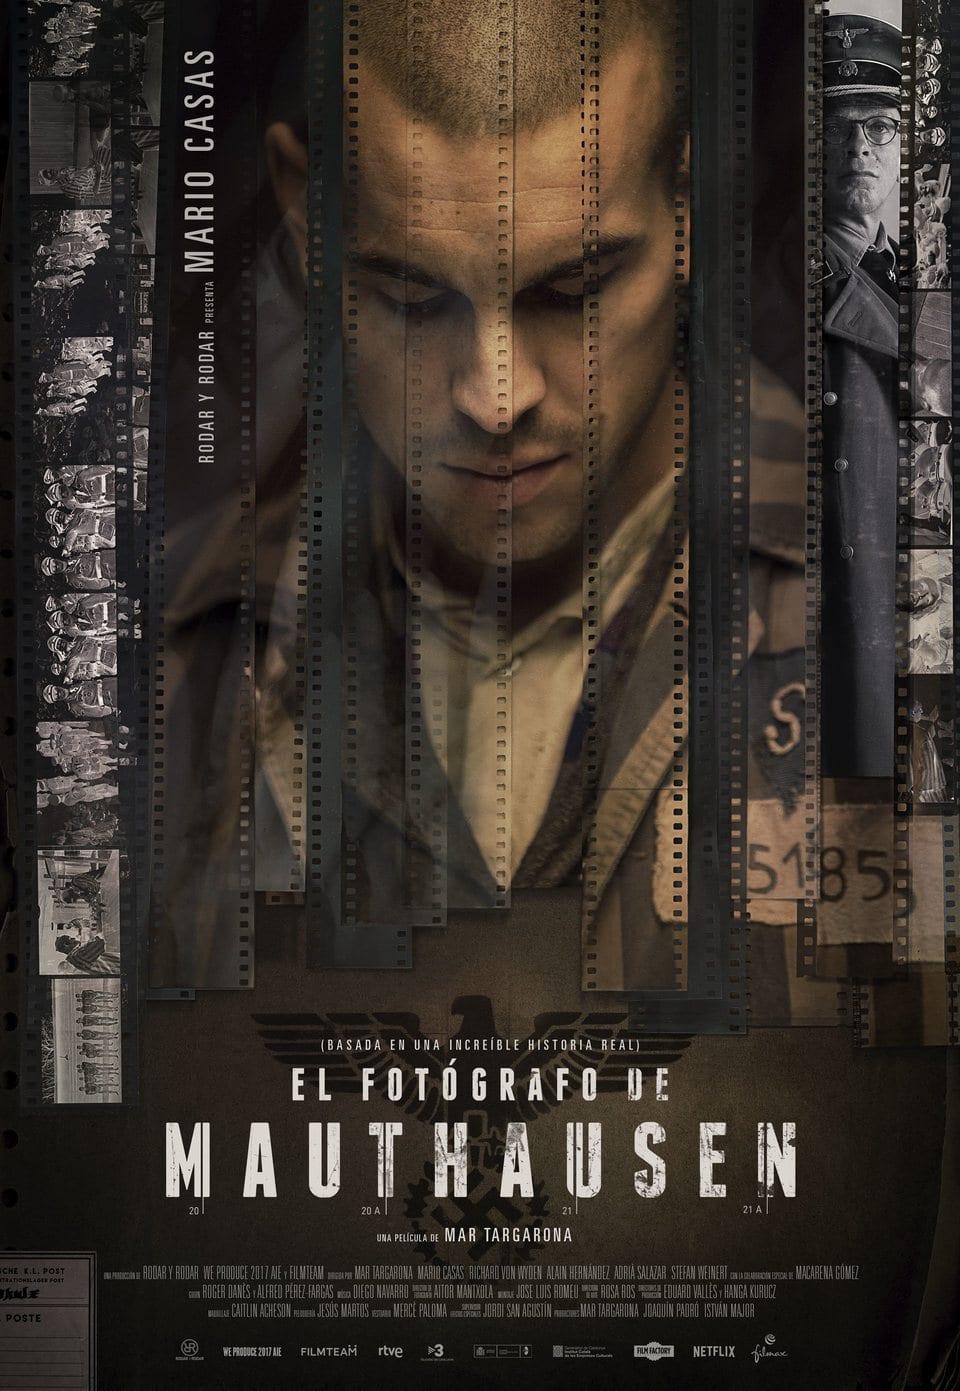 Estrenos de cine El fotógrafo de Mauthausen